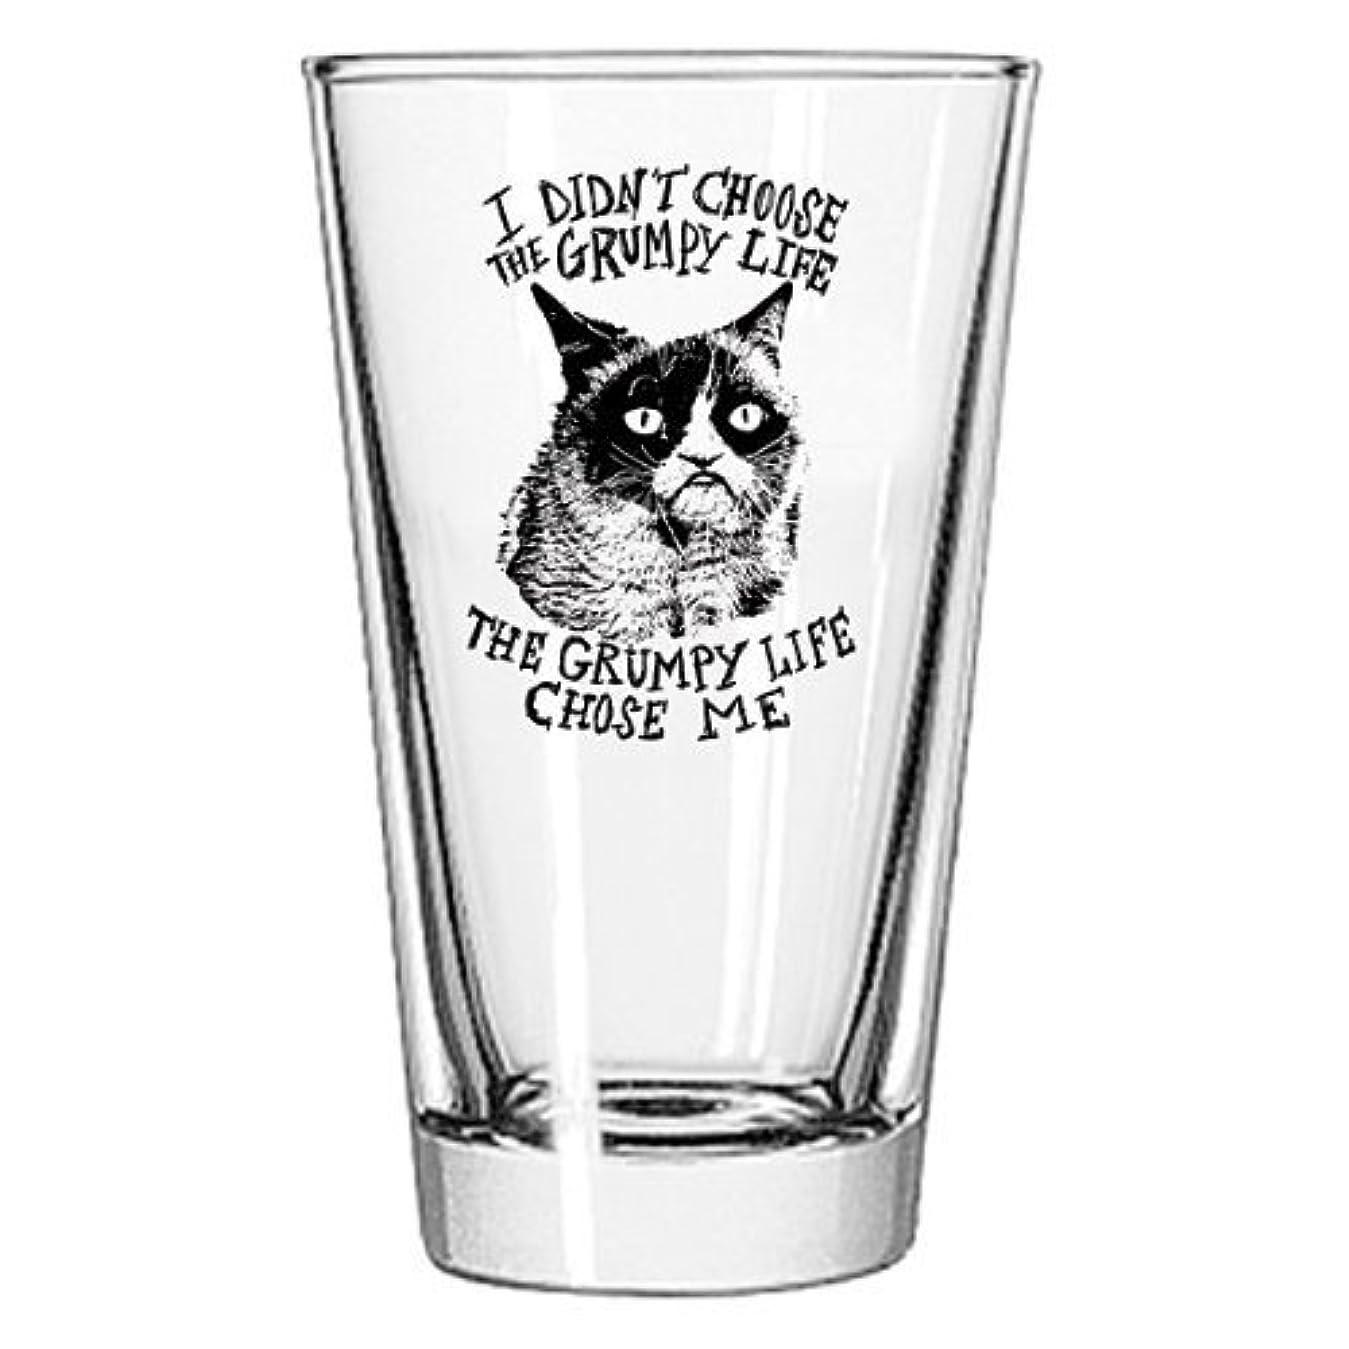 不適切なレバーレプリカGrumpy Cat Pint Glass私は何を選択Grumpy Life